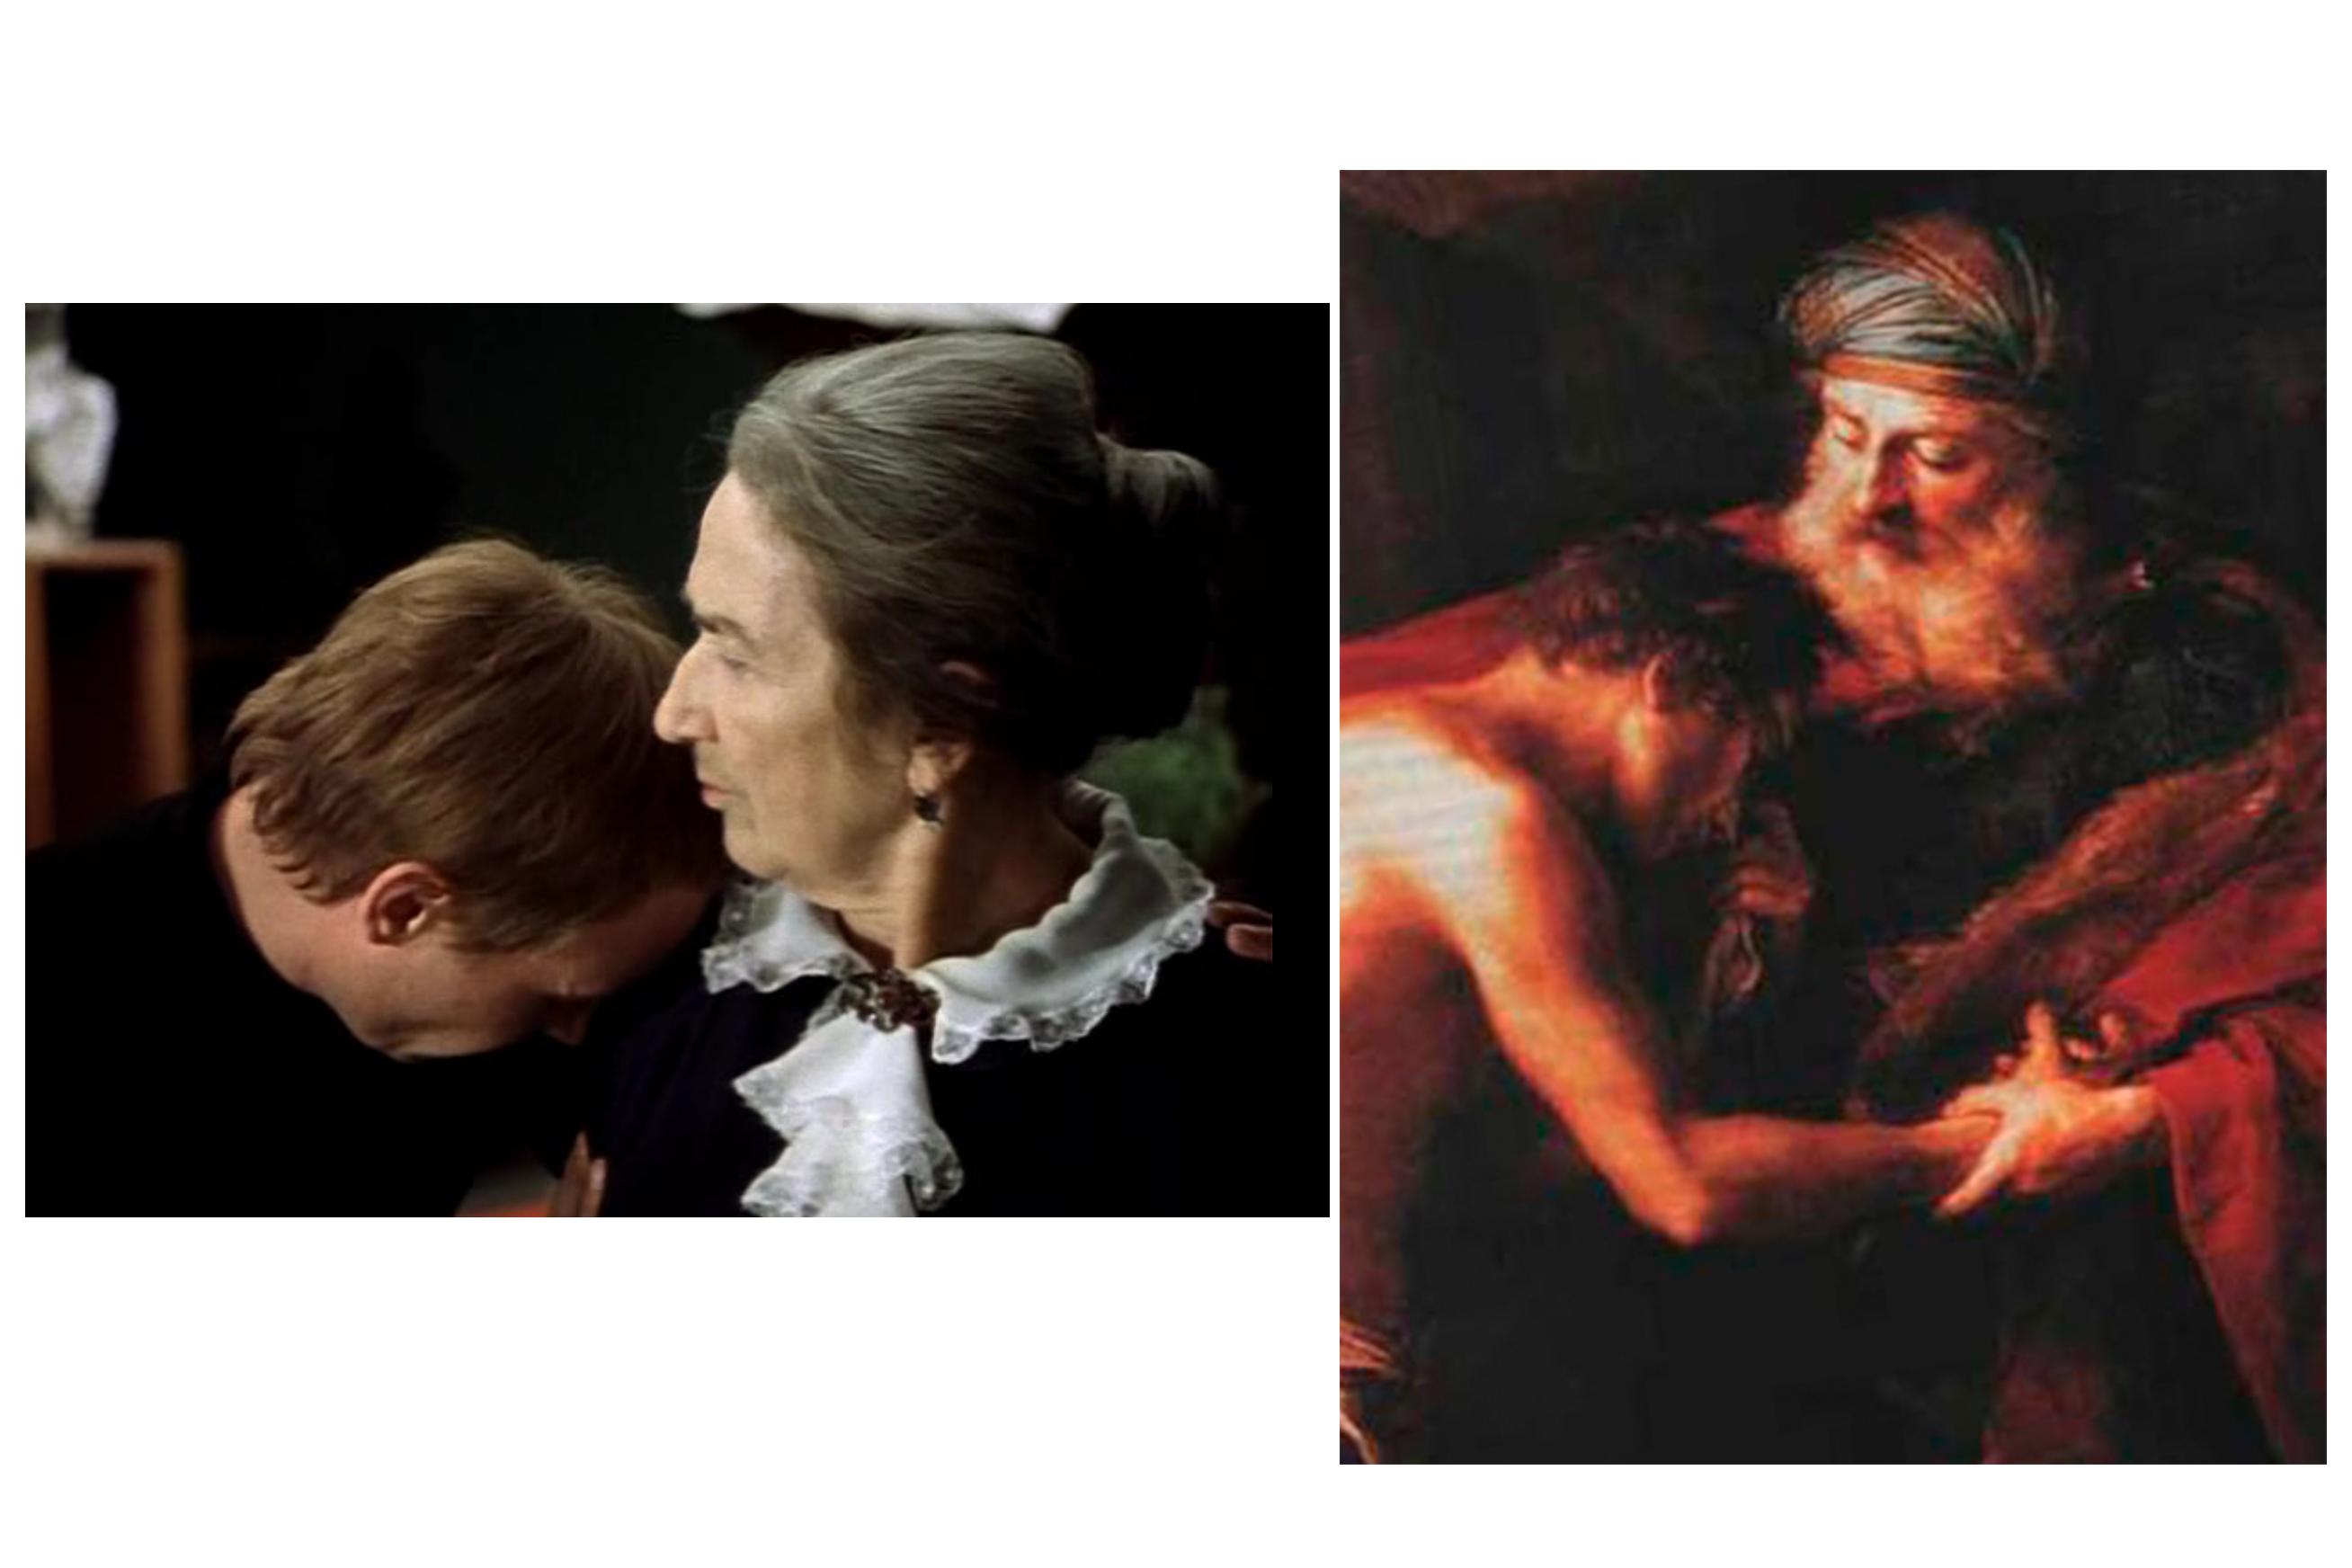 10. Лукашин обнимает мать стоя на коленях. Справа -Помпео Ботрим. Возвращение блудного сына.